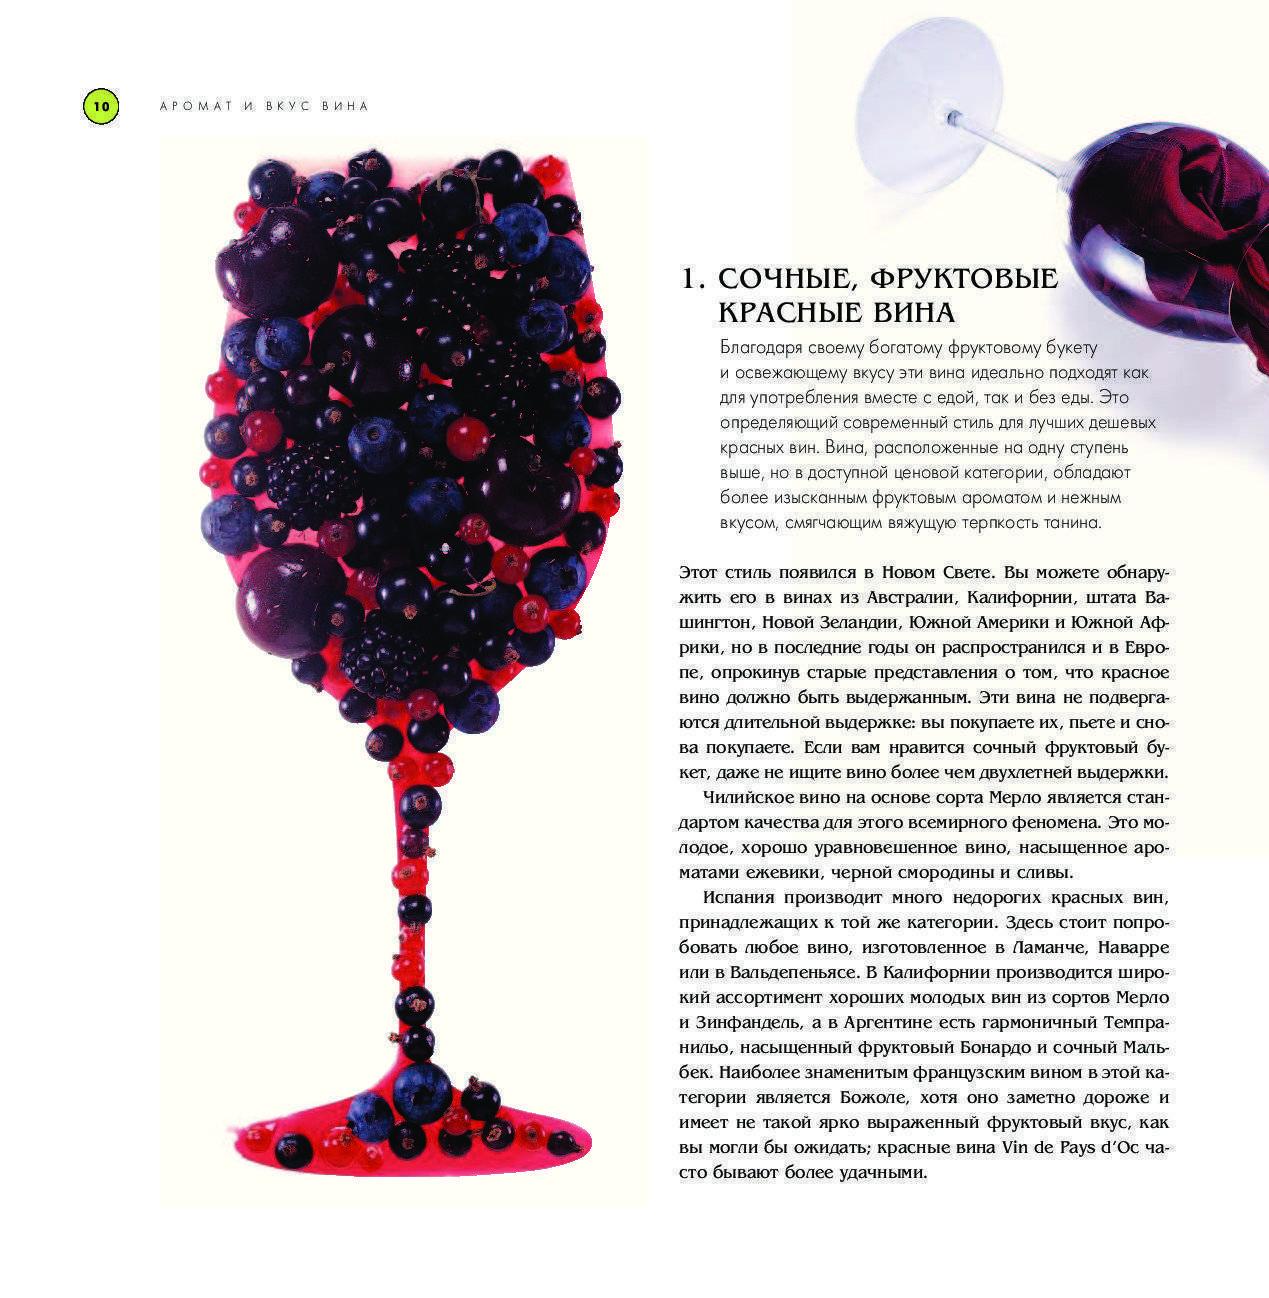 Ежевичное вино: простой рецепт, из ежевики, в домашних условиях